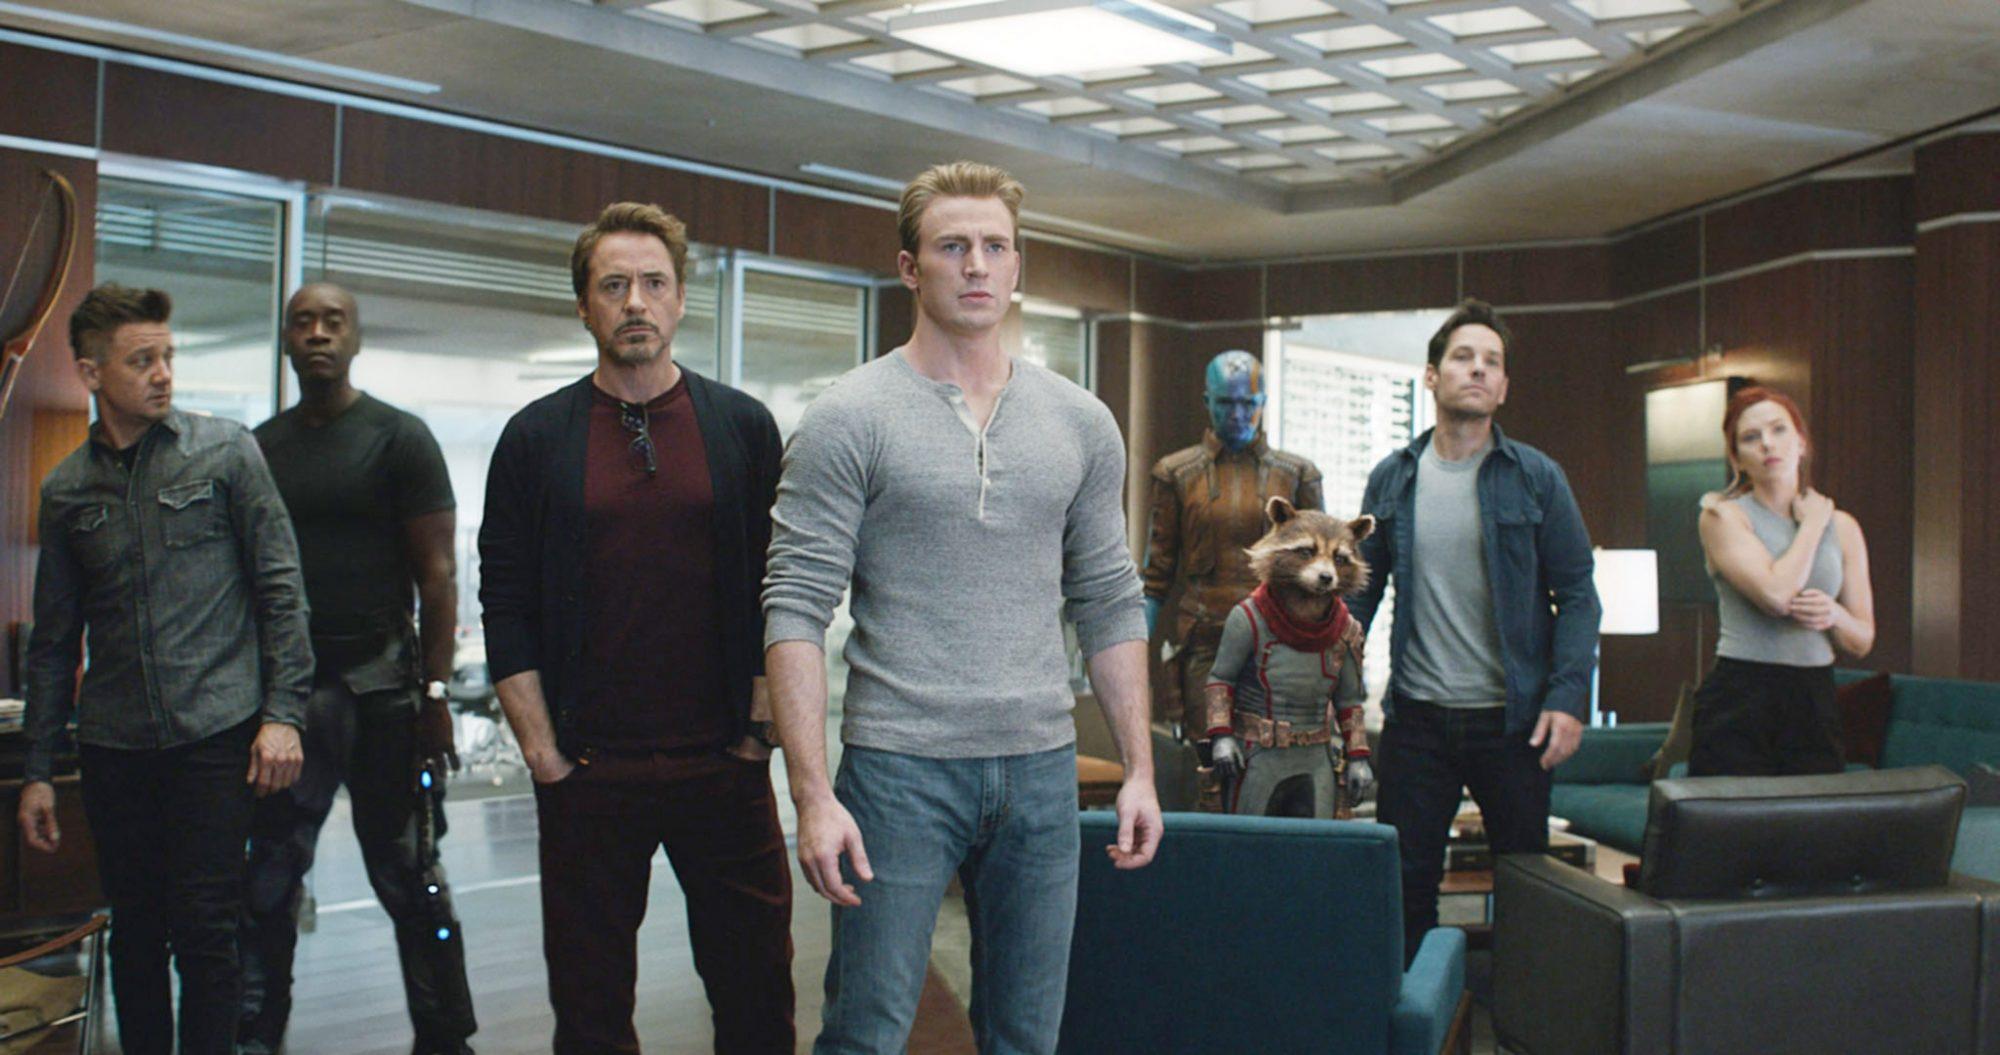 Avengers Endgame Review - The remaining Avengers